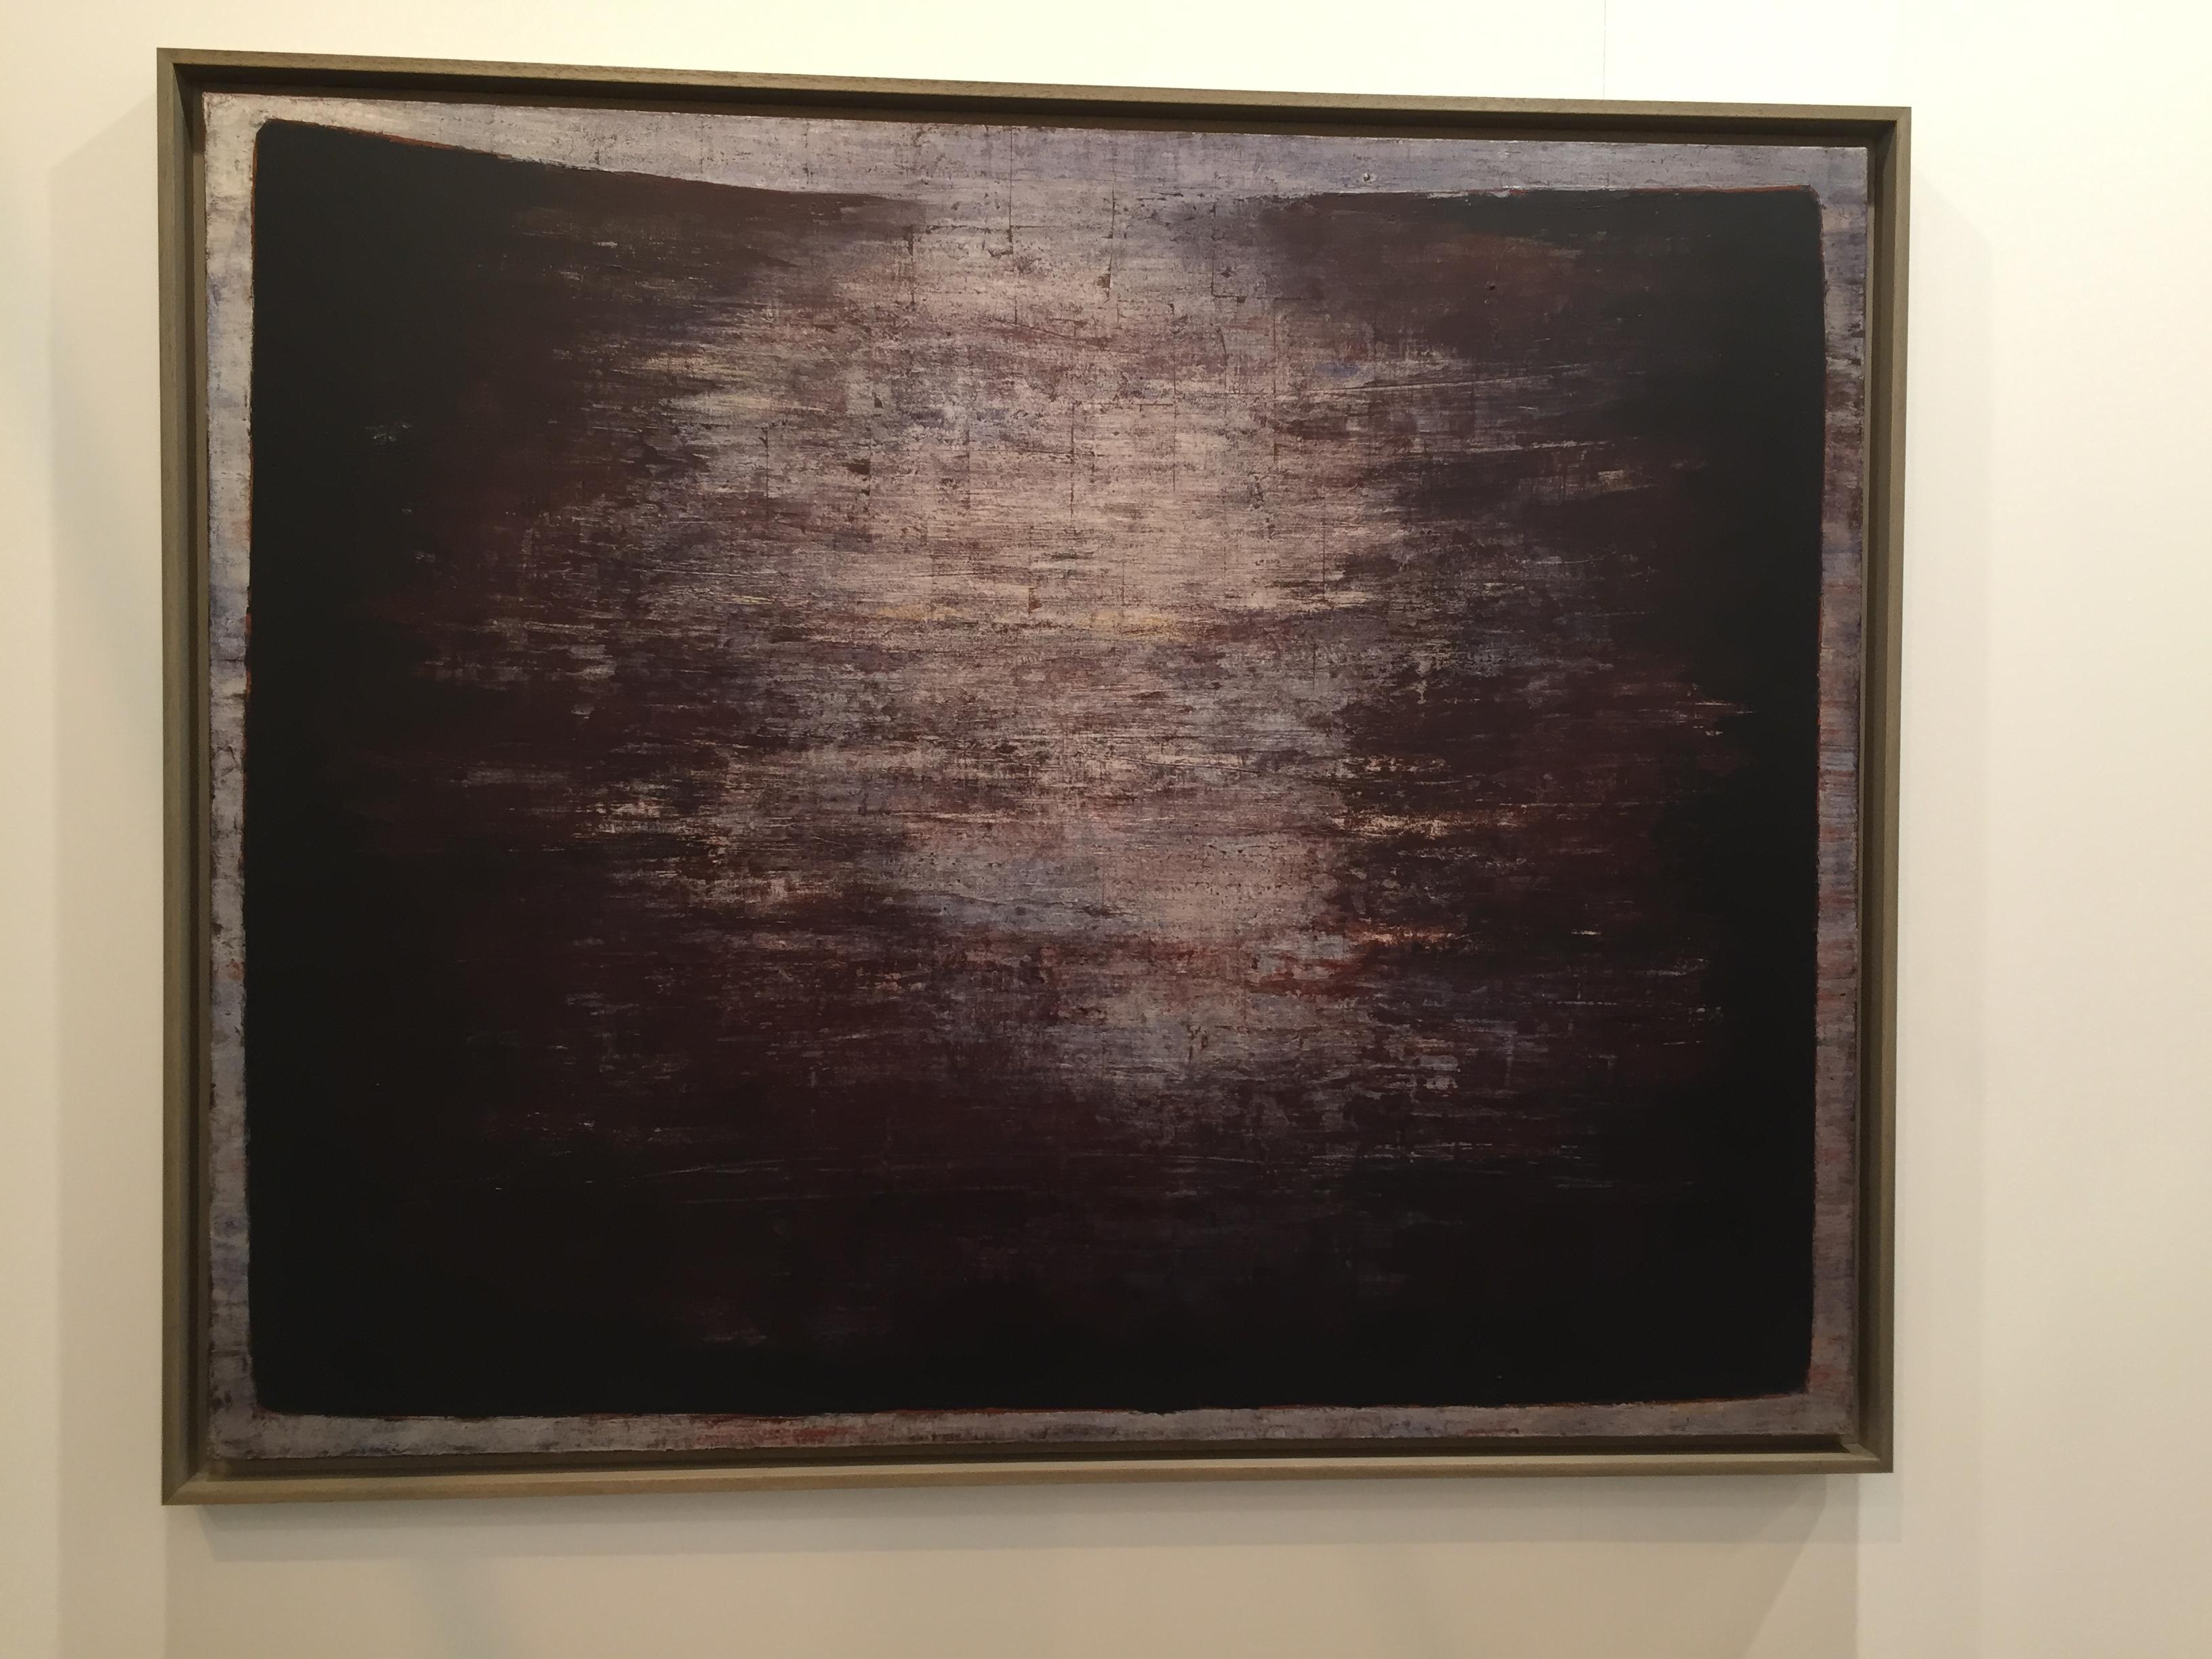 Anna-Eva Bergman: Nº 14-1960 - Desgarro sobre la tierra, 130 x 162 cm, témpera y láminas de metal sobre lienzo. Galerie Jerome Poggi. Foto: Investigart.